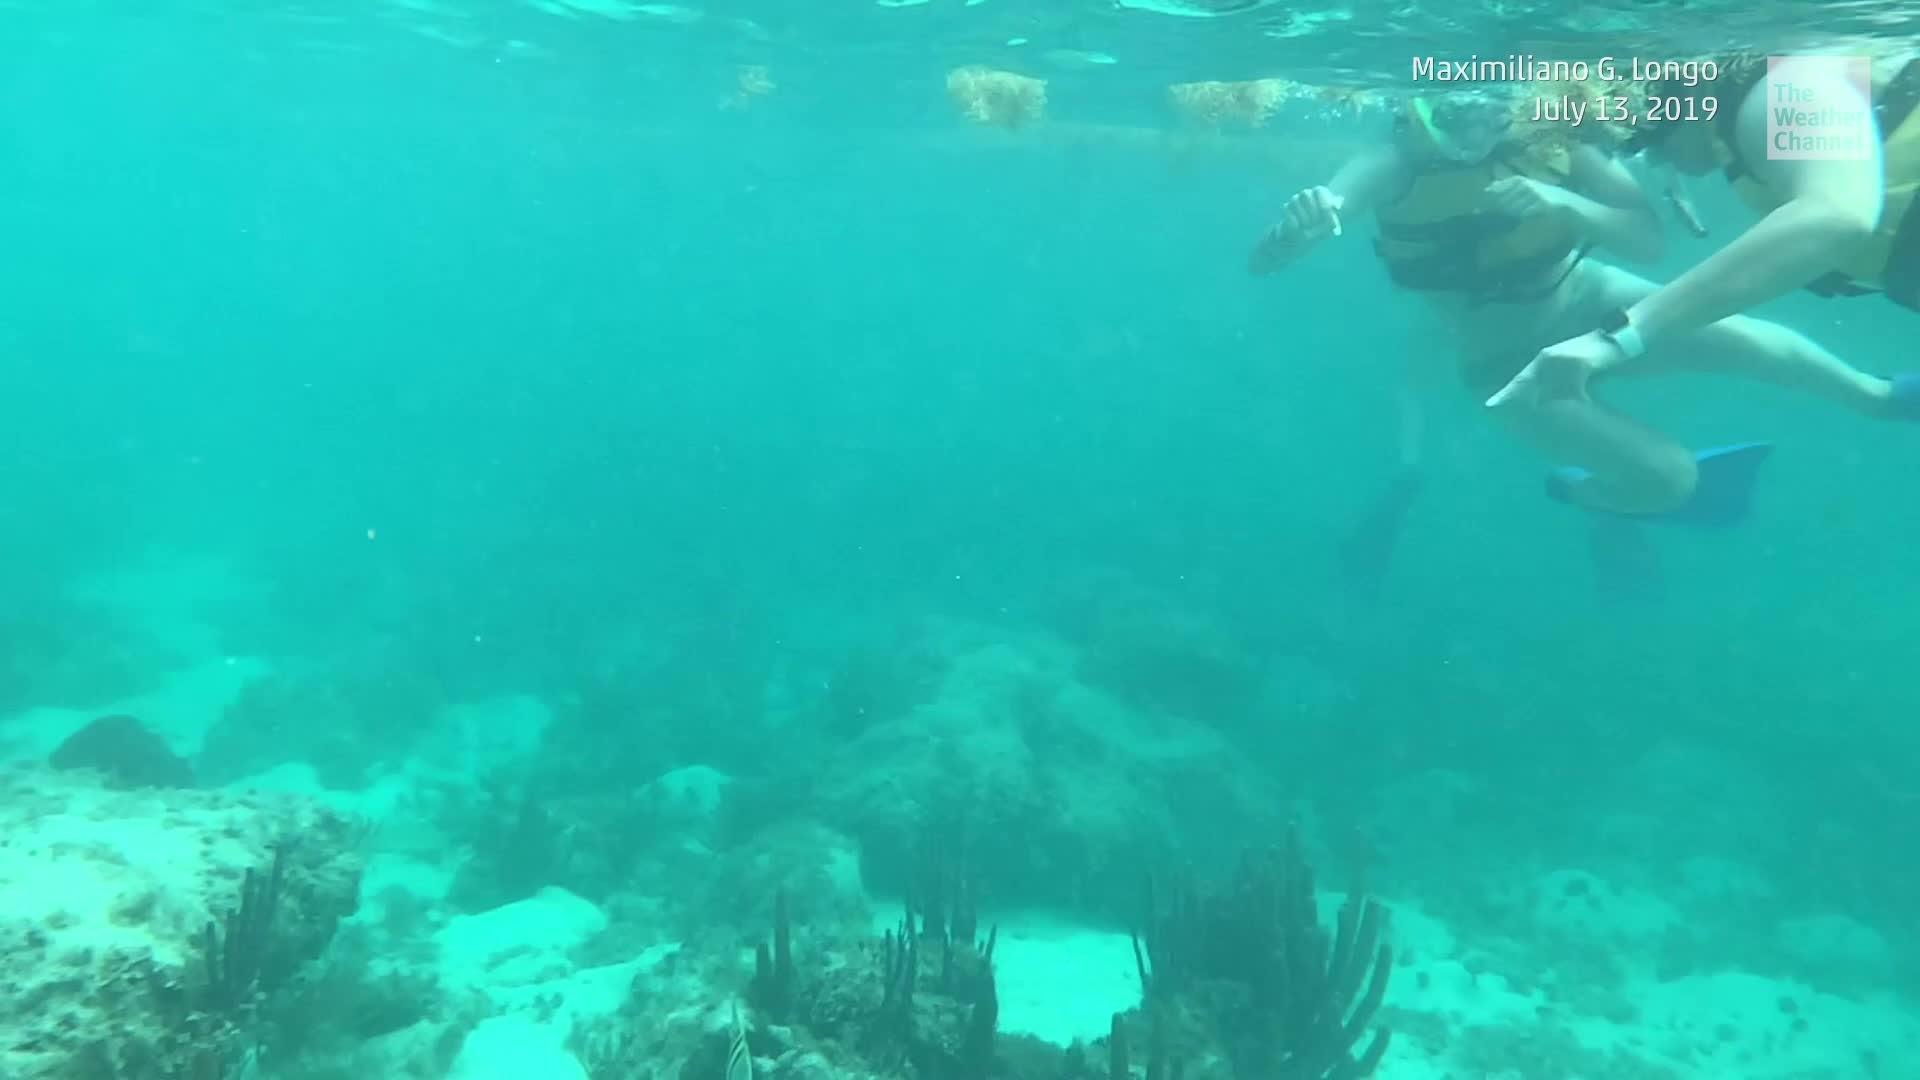 Ven a conocer las esculturas de la galería submarina en Punta Nizuc. Es parte el Museo Subacuático de Arte (MUSA) ubicado al final de la línea hotelera en Cancún, México que cuenta con más de 500 esculturas que promueven la conservación de los corales.